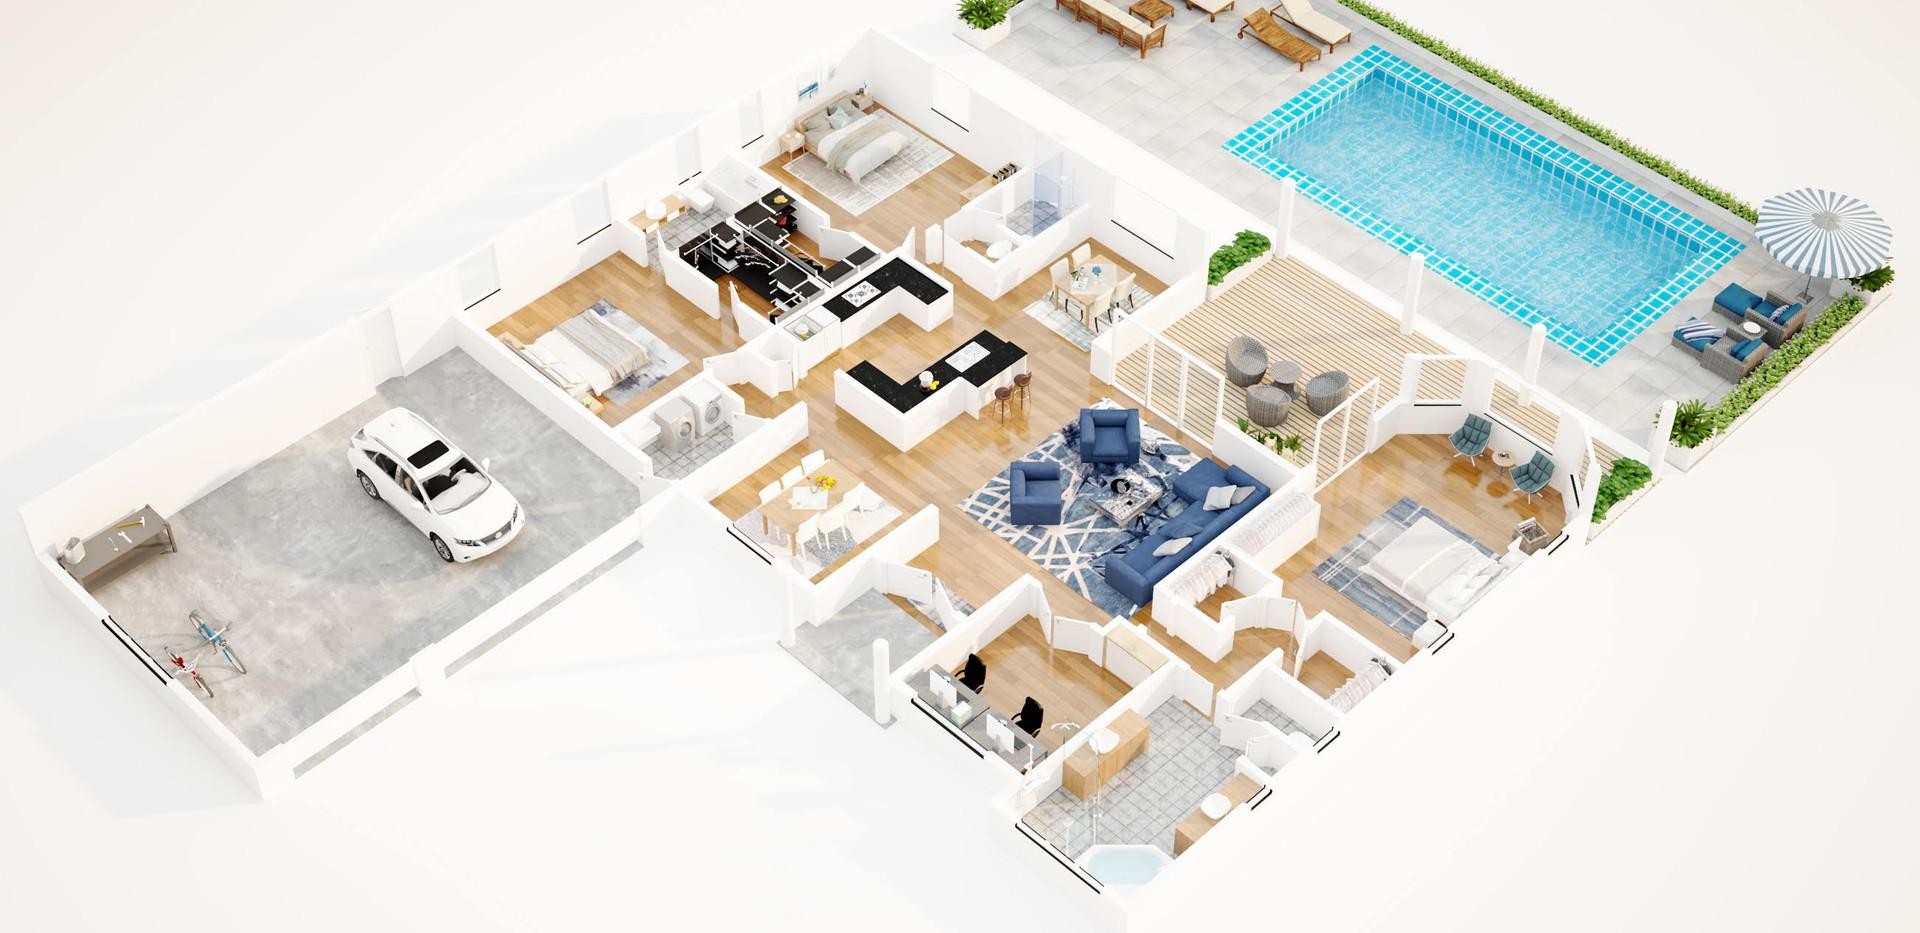 Tombythesea_3D floor plan villa